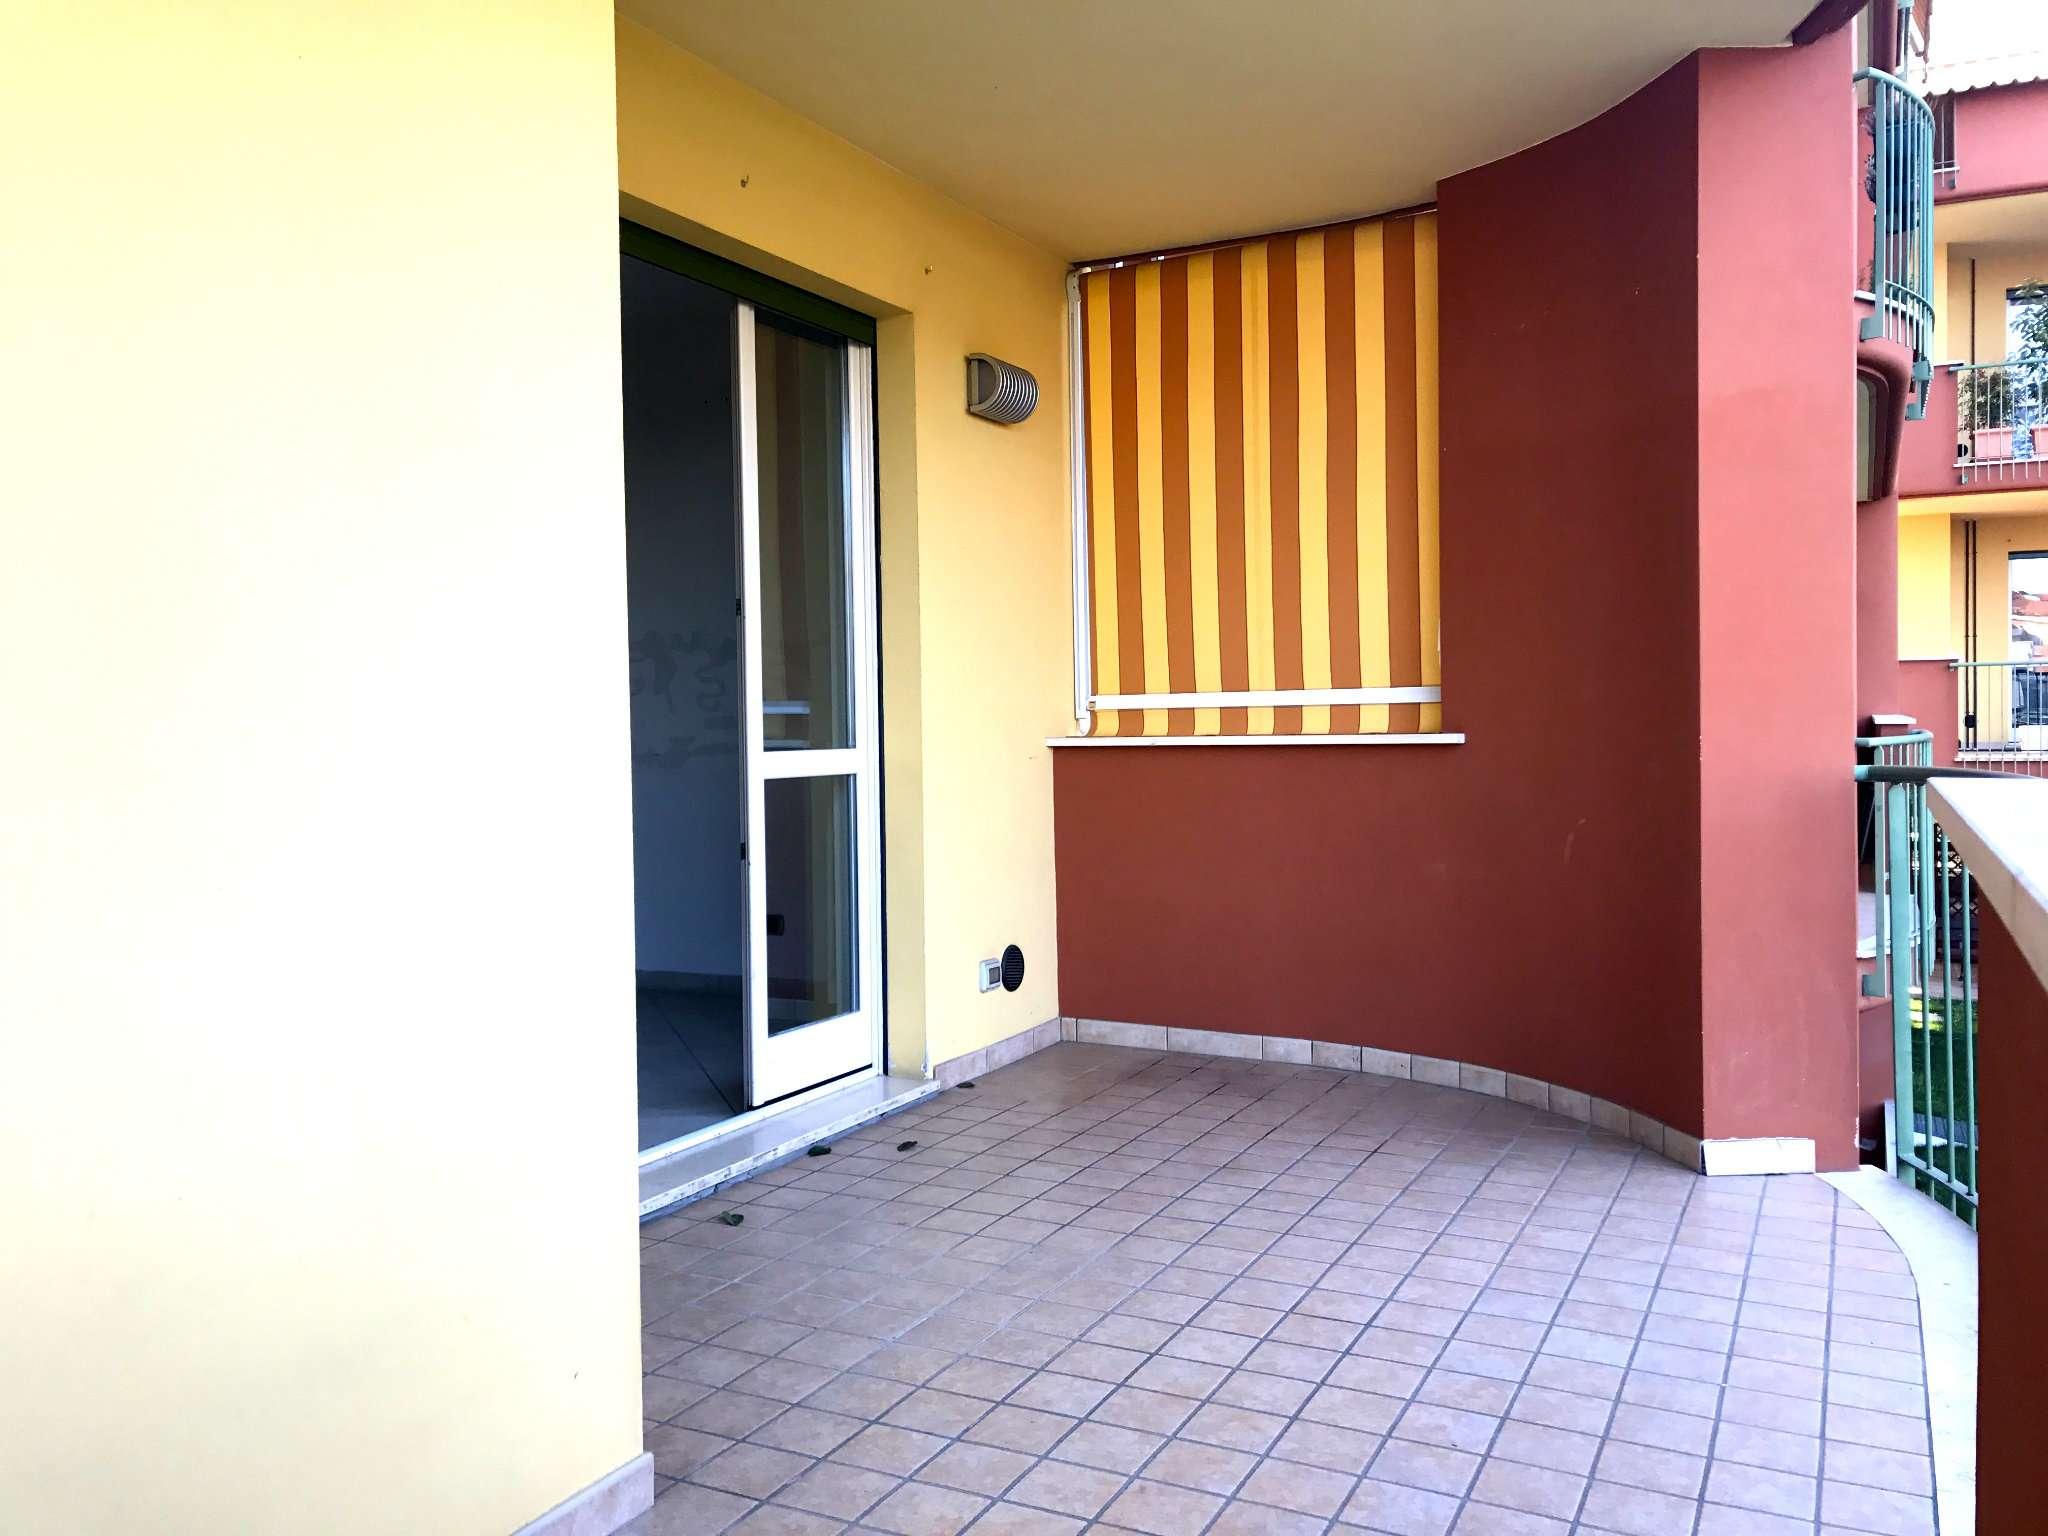 Appartamento in vendita a Bra, 2 locali, prezzo € 100.000   Cambio Casa.it